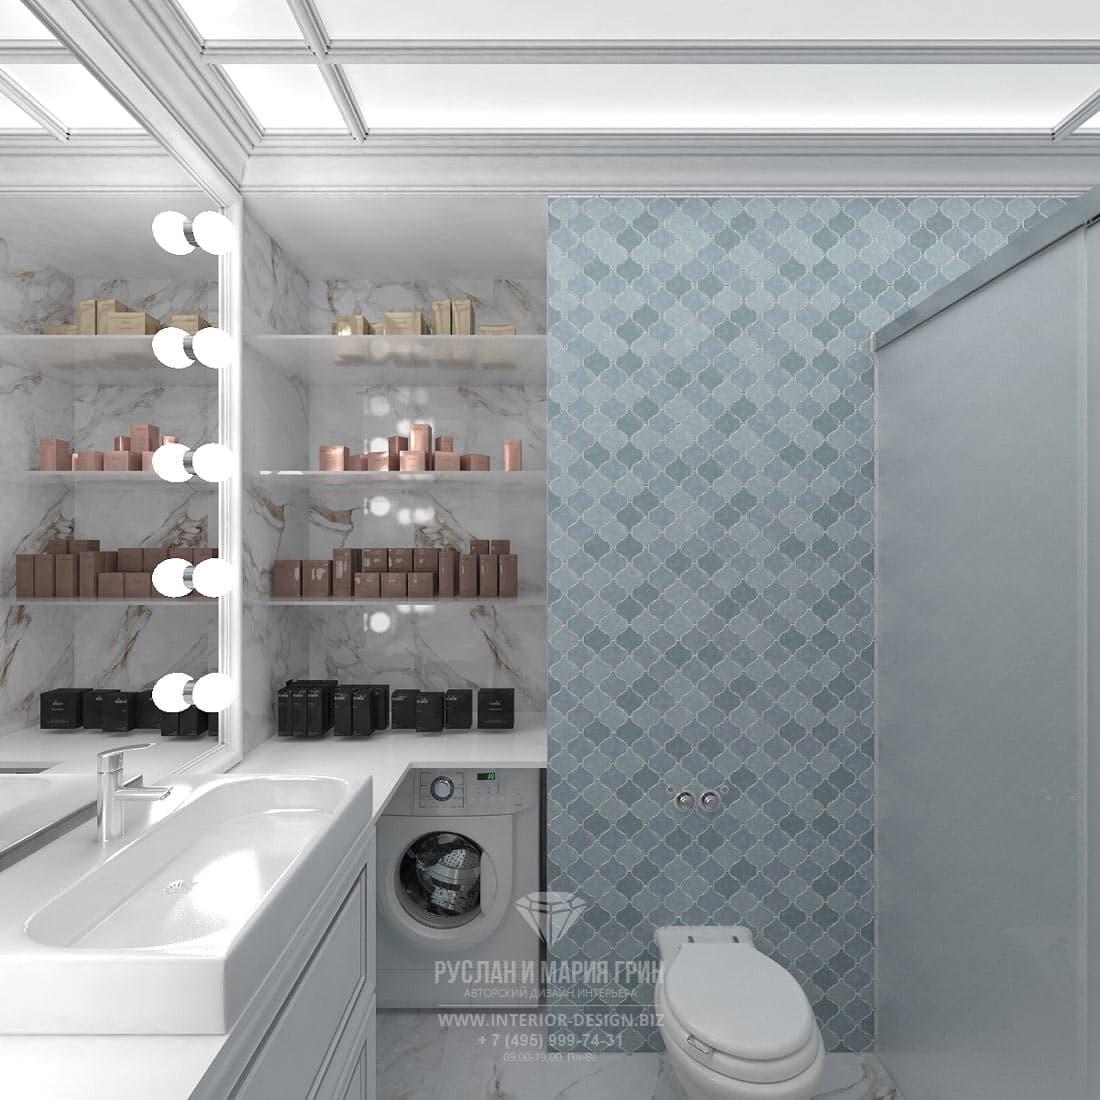 Дизайн ванной комнаты с элементами эклектики